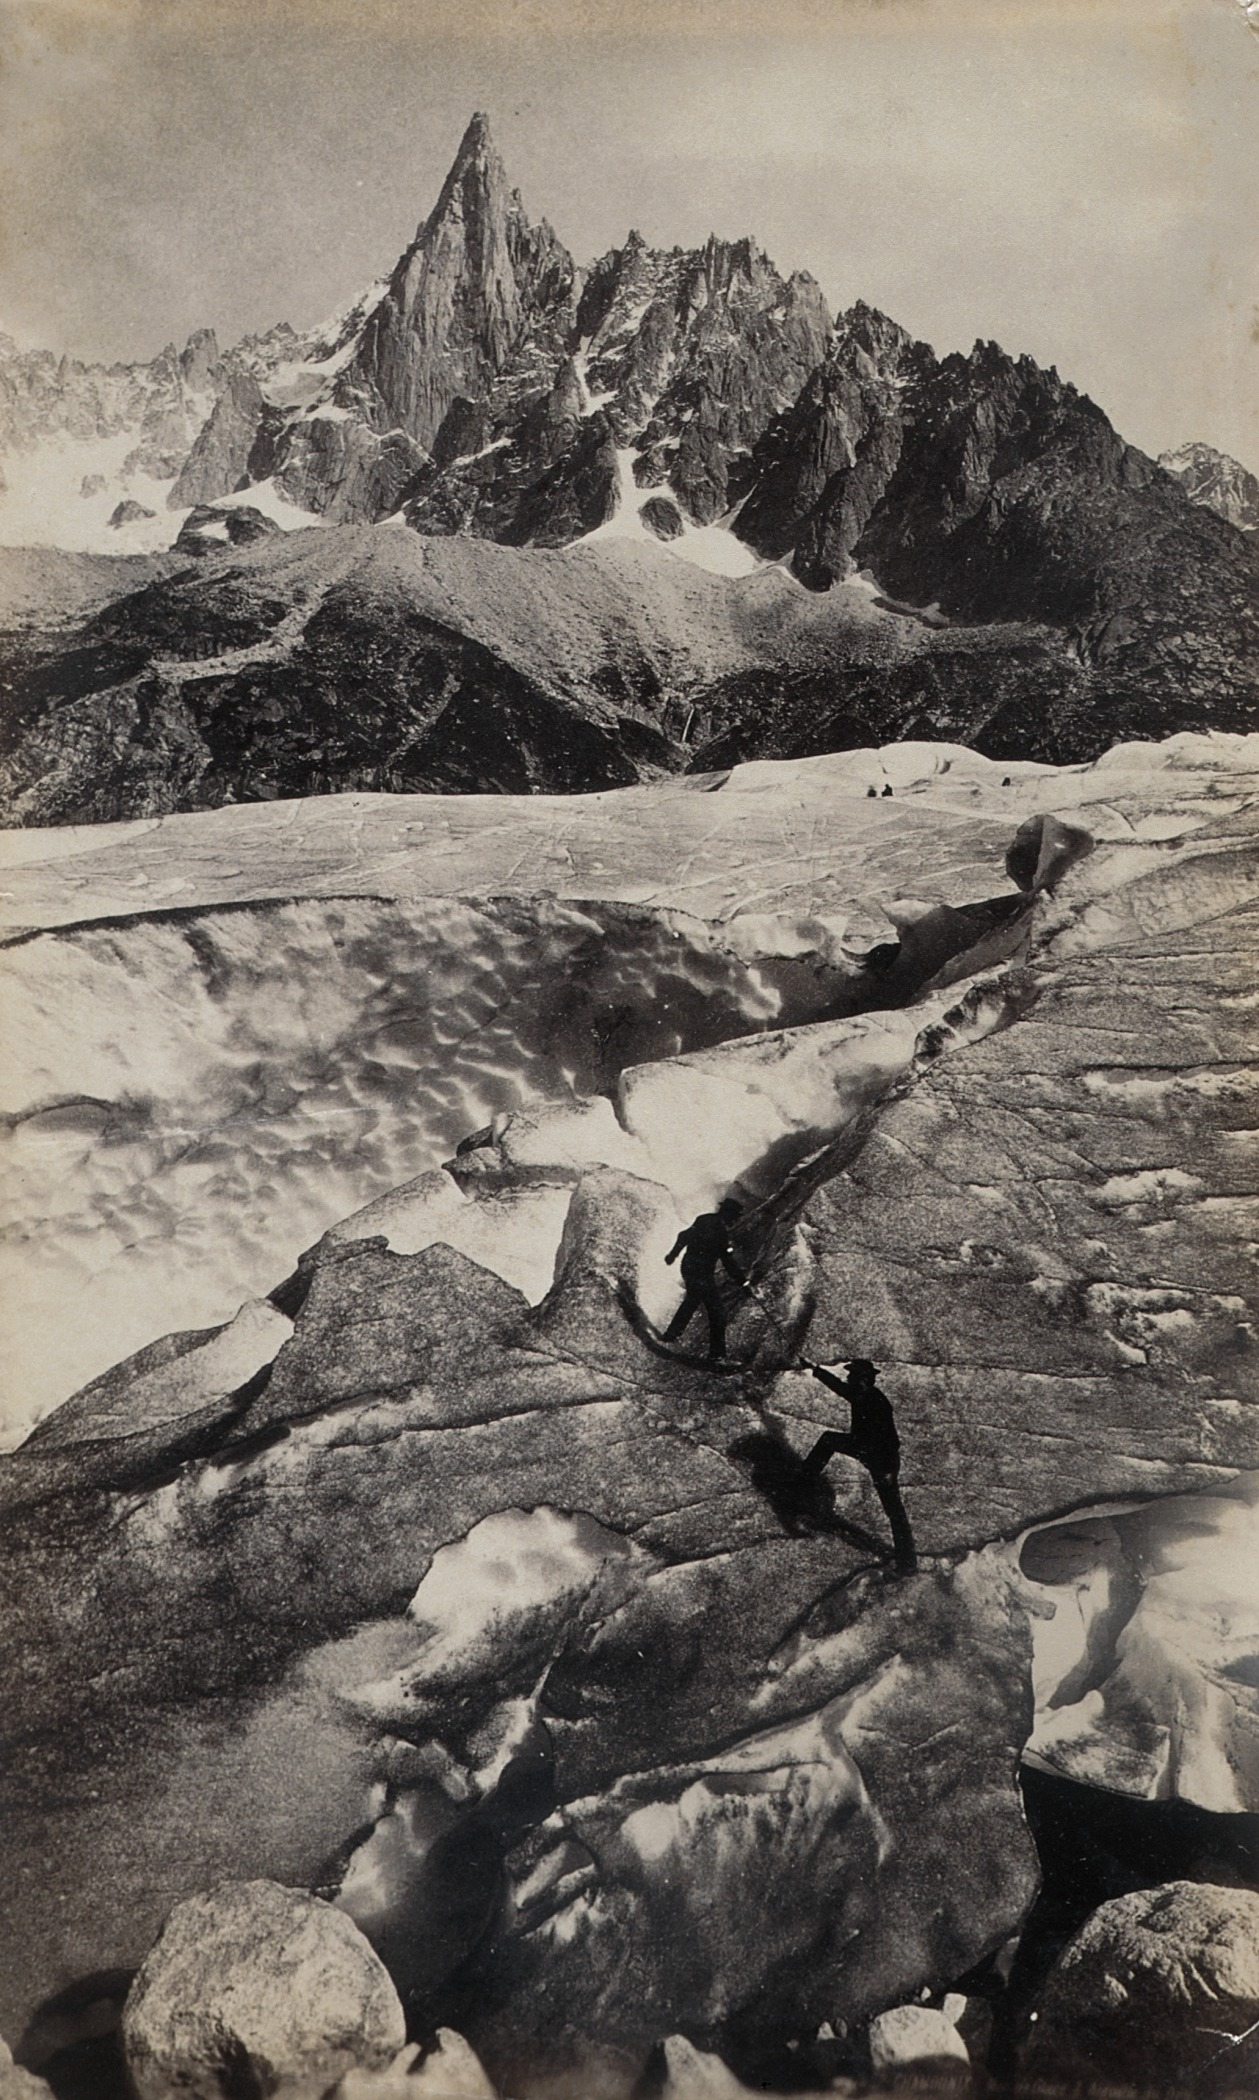 Chamonix, Mer de Glace d'Aignuille du Dru by Francis Frith (England, 1822-1898)